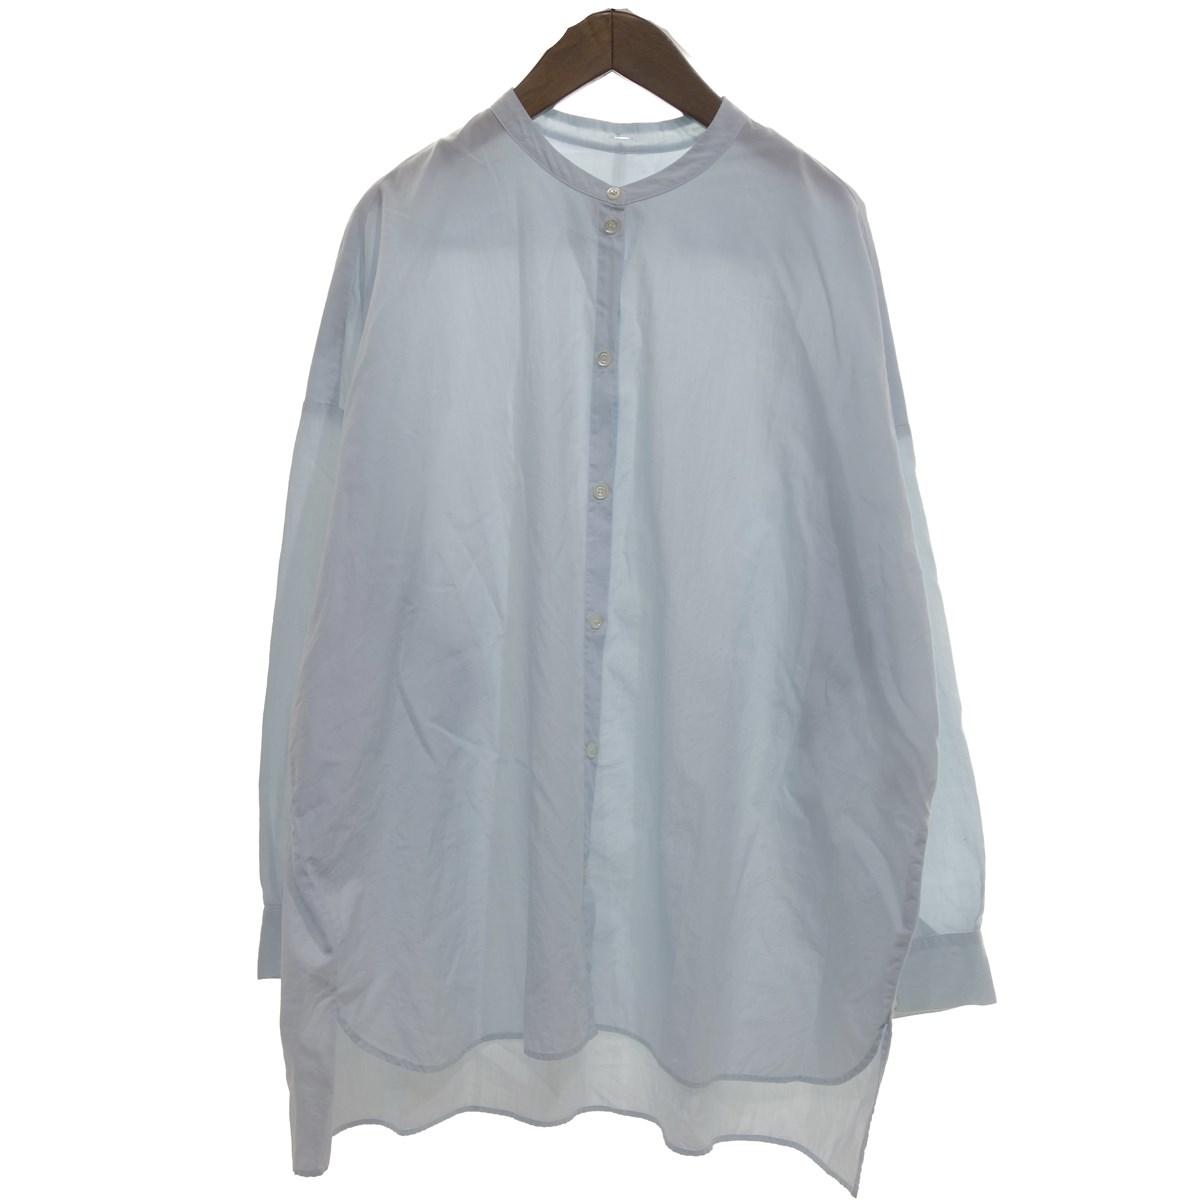 【中古】GALLEGO DESPORTES バンドカラー長袖シャツ ライトブルー サイズ:S 【200420】(ギャレゴデスポート)